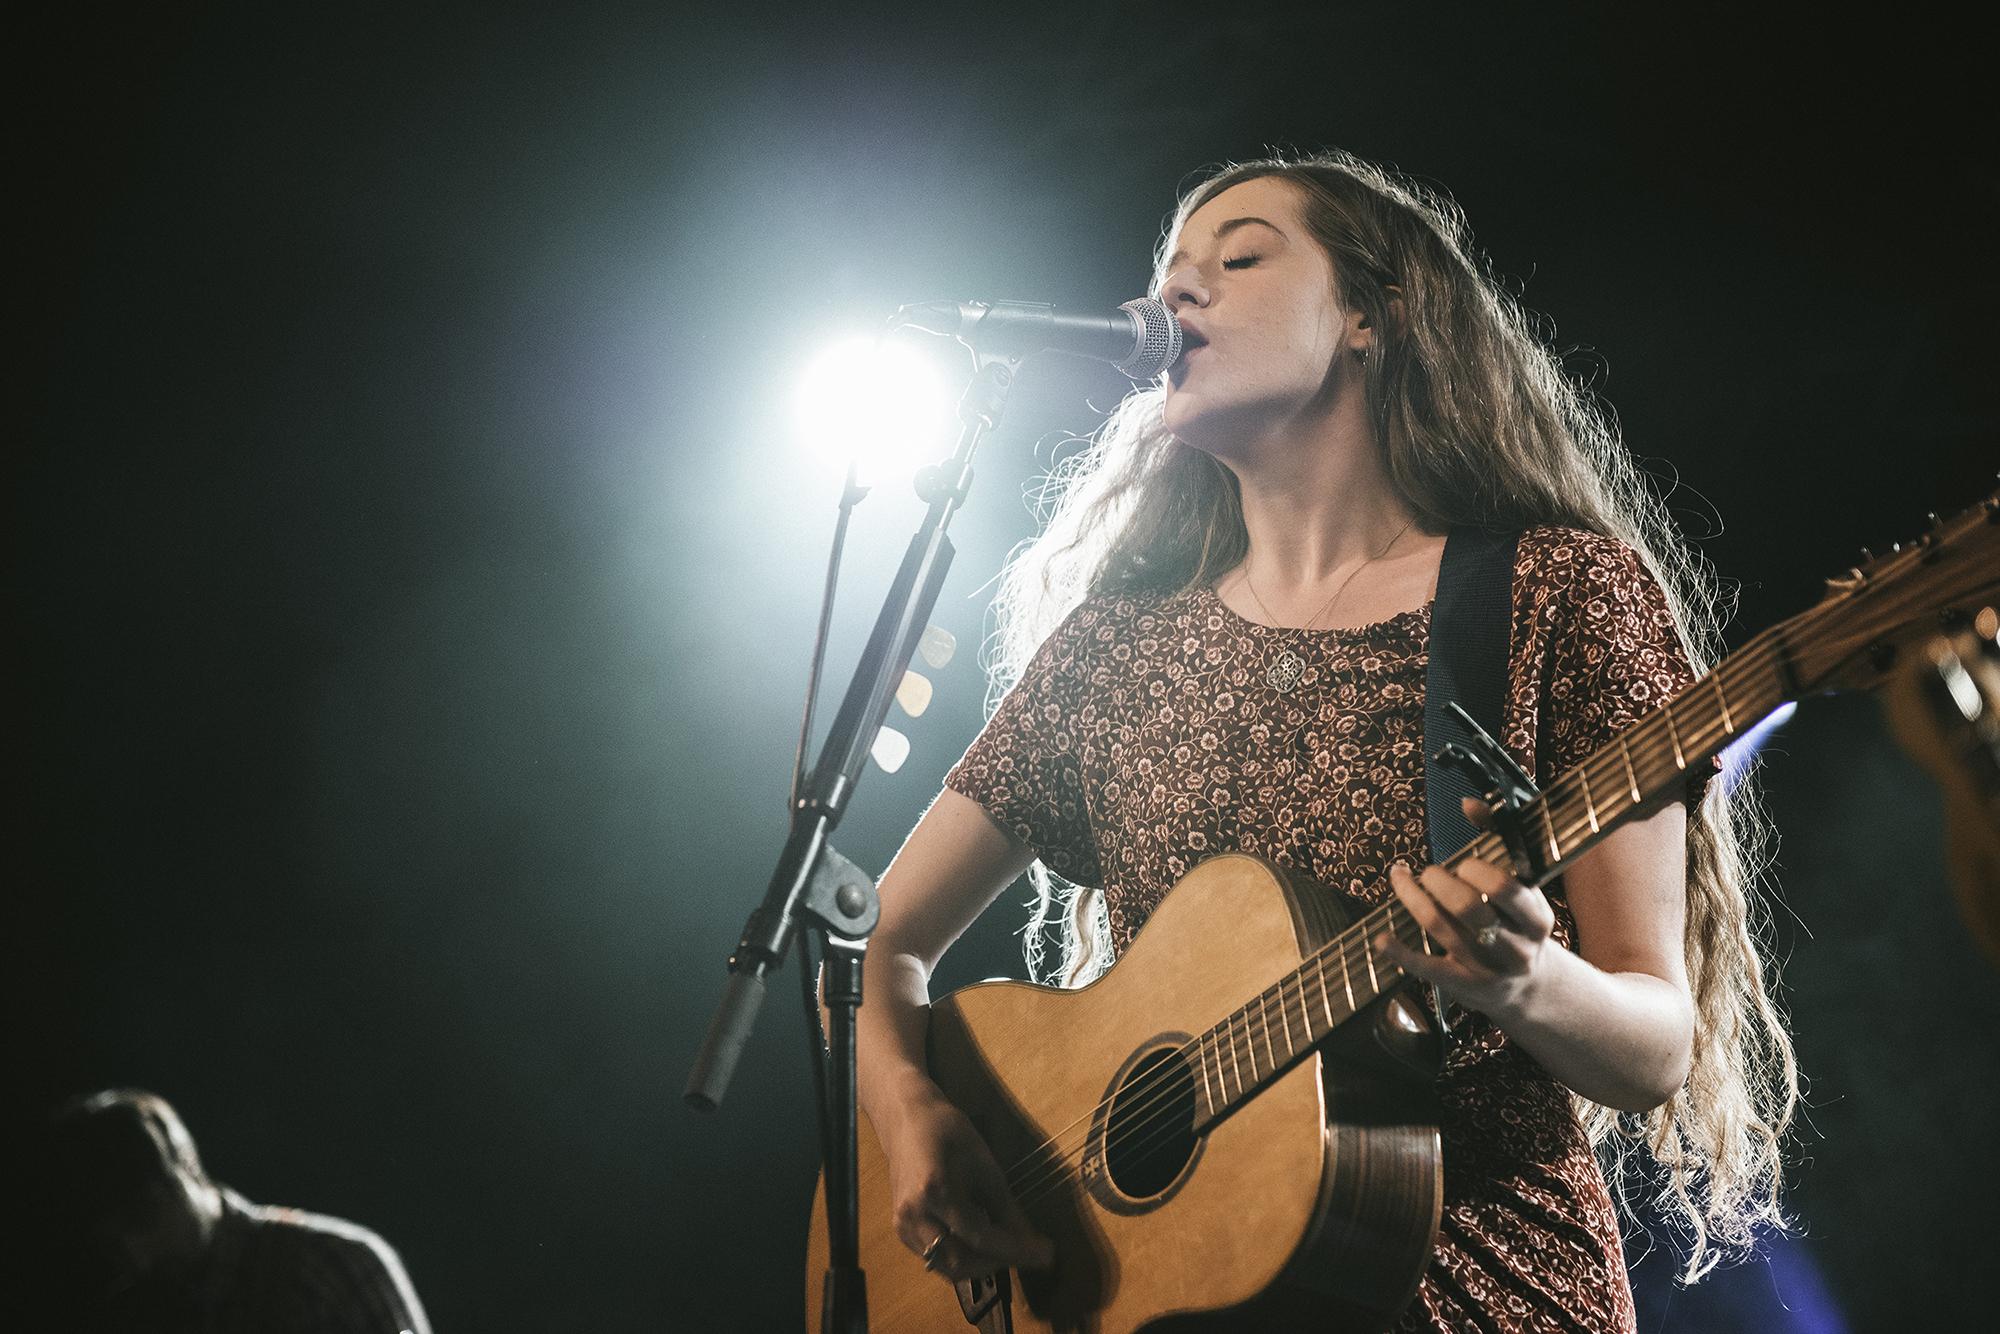 Student and Folk singer Lauren Rycroft supporting Newton Faulkner